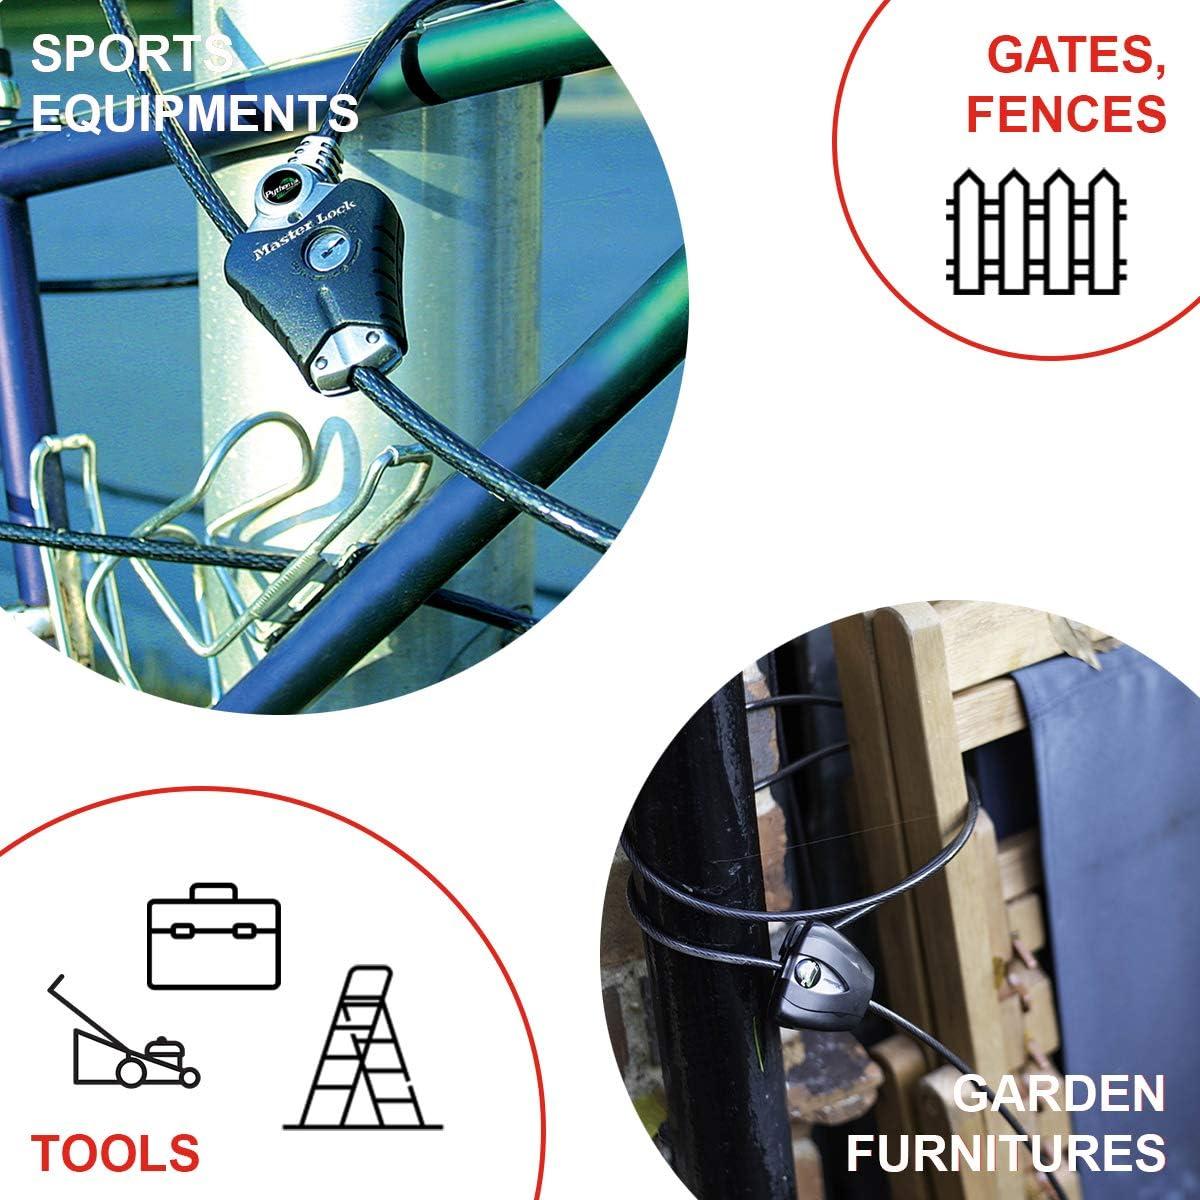 Python - Ideal f/ür Sportausr/üstung Master Lock 8418EURD Verstellbares Kabelschloss mit Sch/üsselschloss Werkzeuge und Gartenm/öbel Kabel einstellbar von 30 cm bis 1,8 m